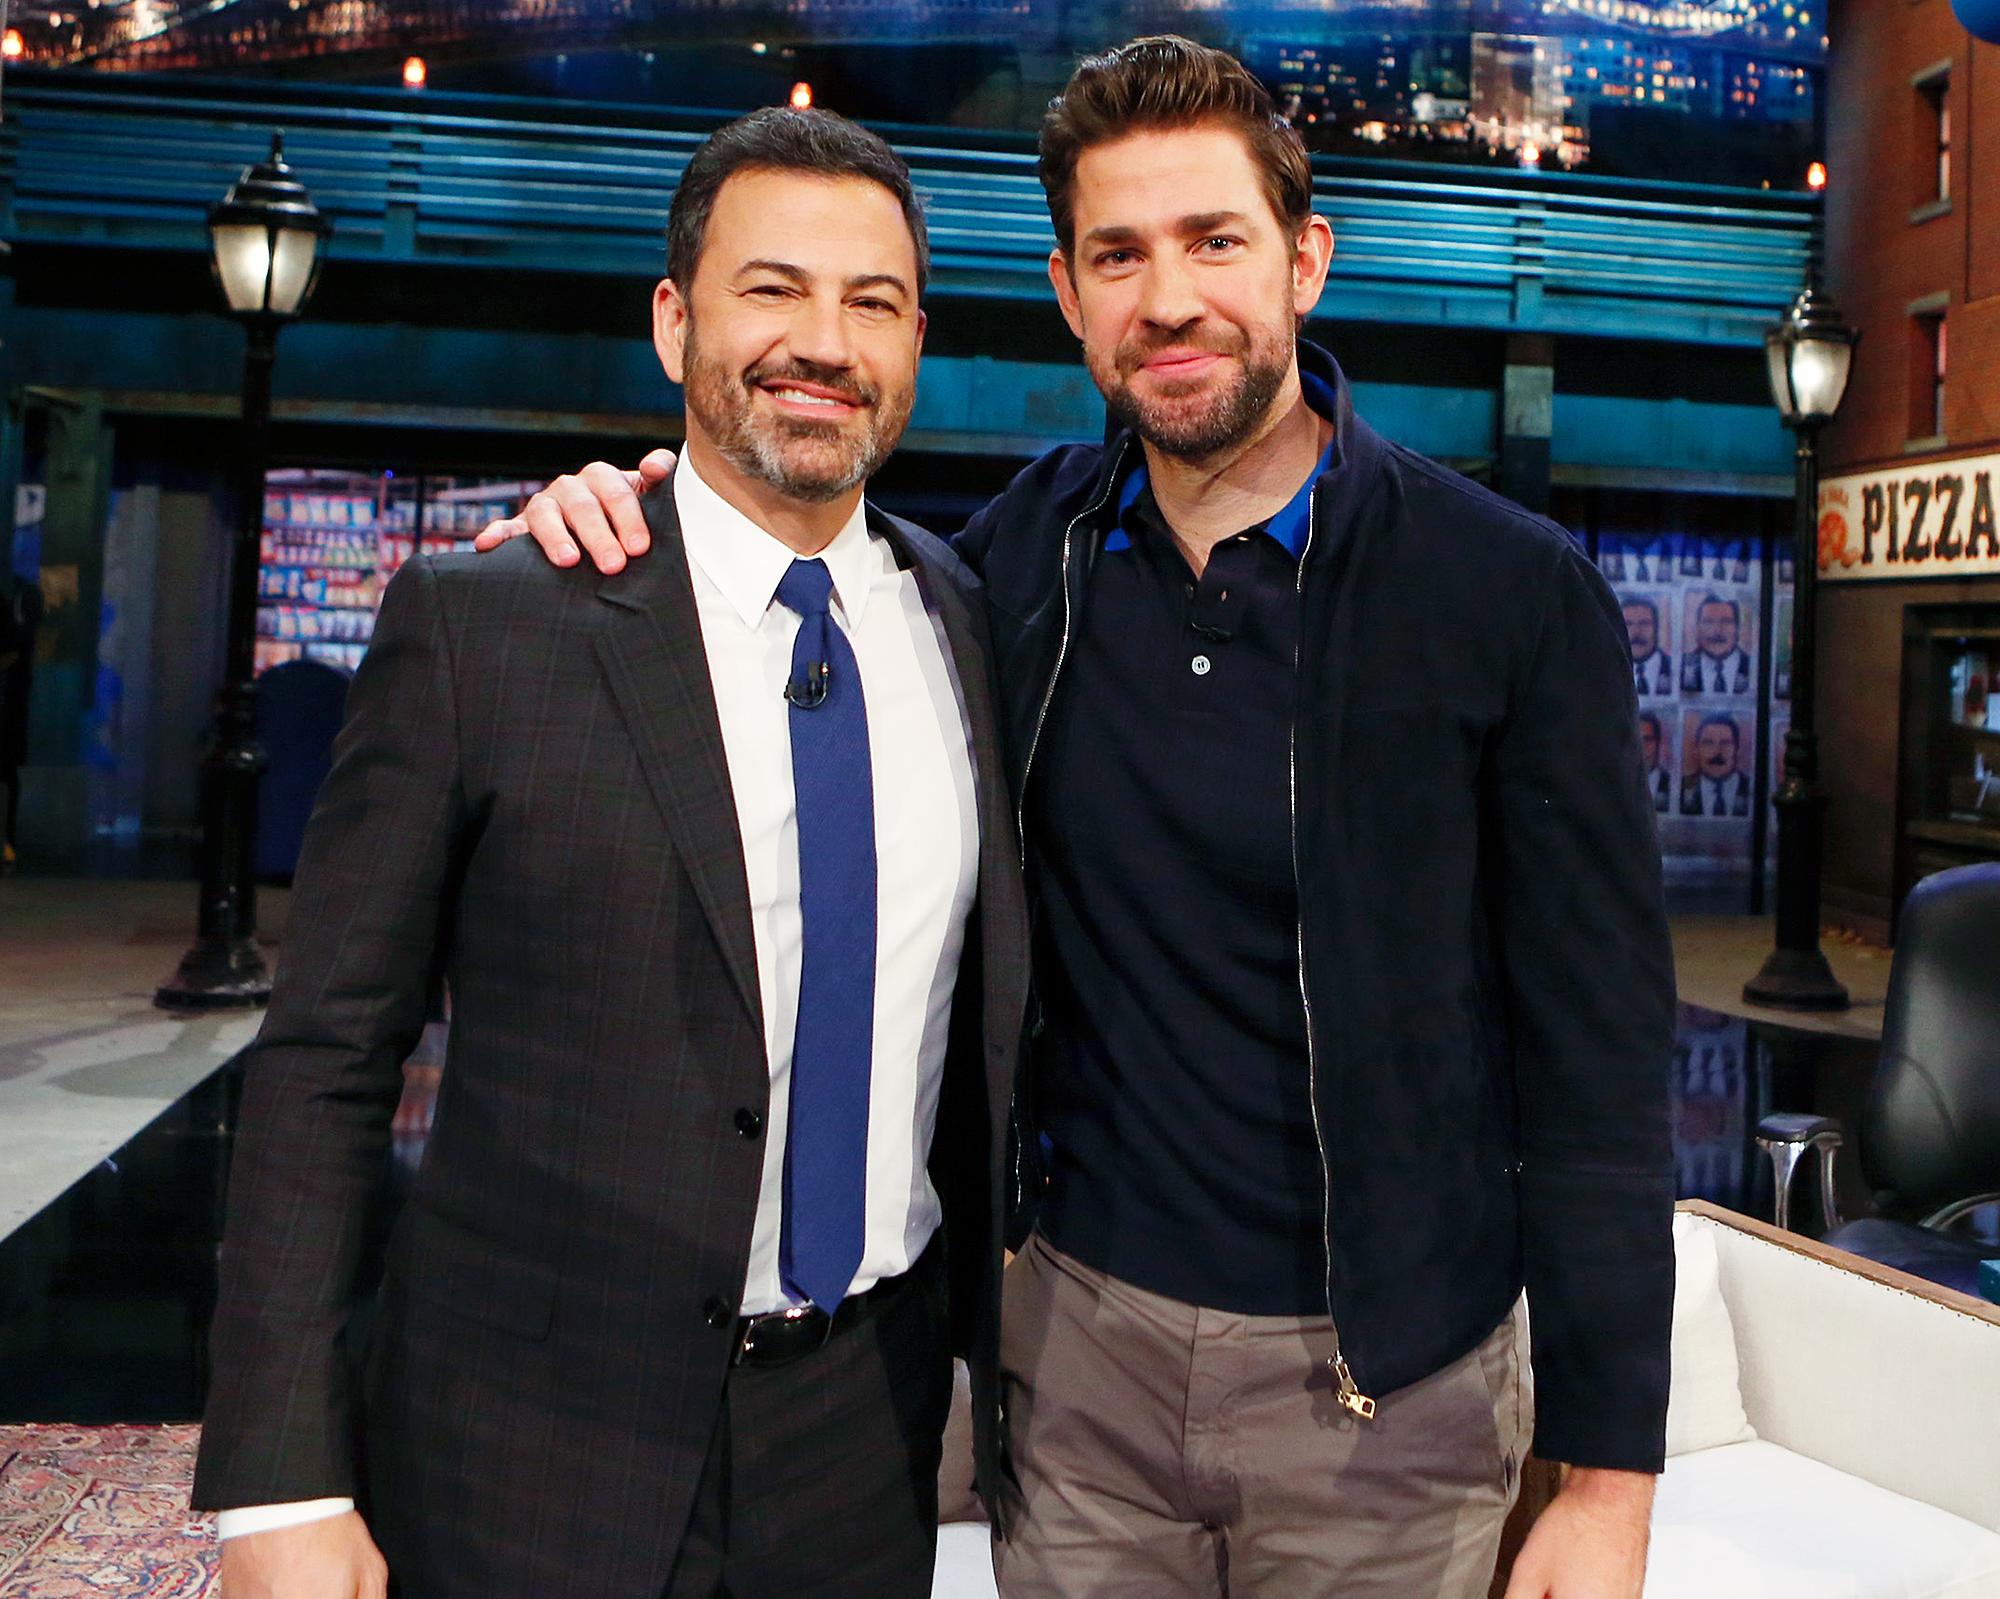 John Krasinski and Jimmy Kimmel Recount Their Pranks on Each Other